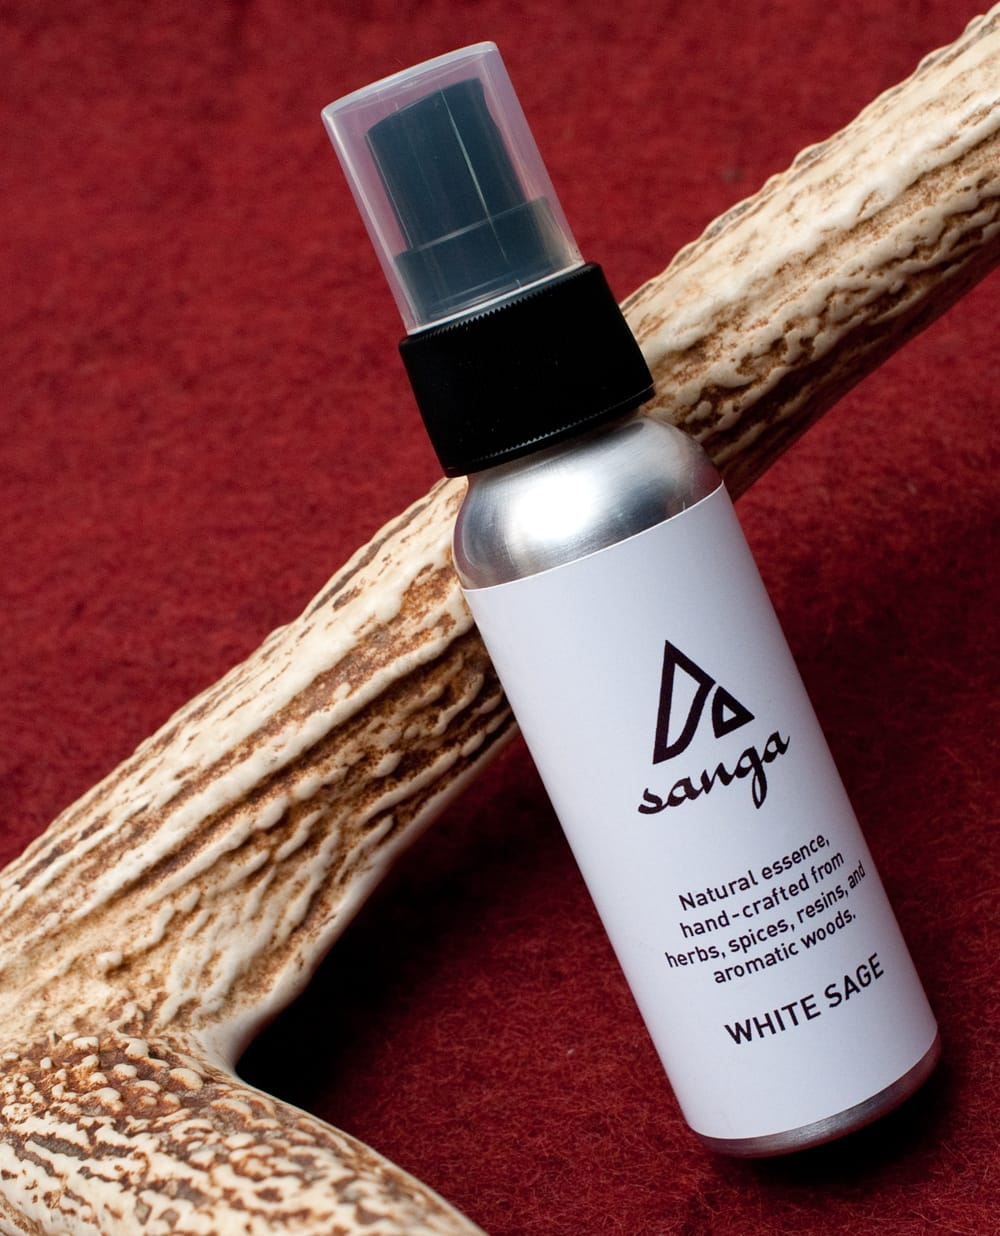 WHITE SAGE - sanga お香スプレーの写真